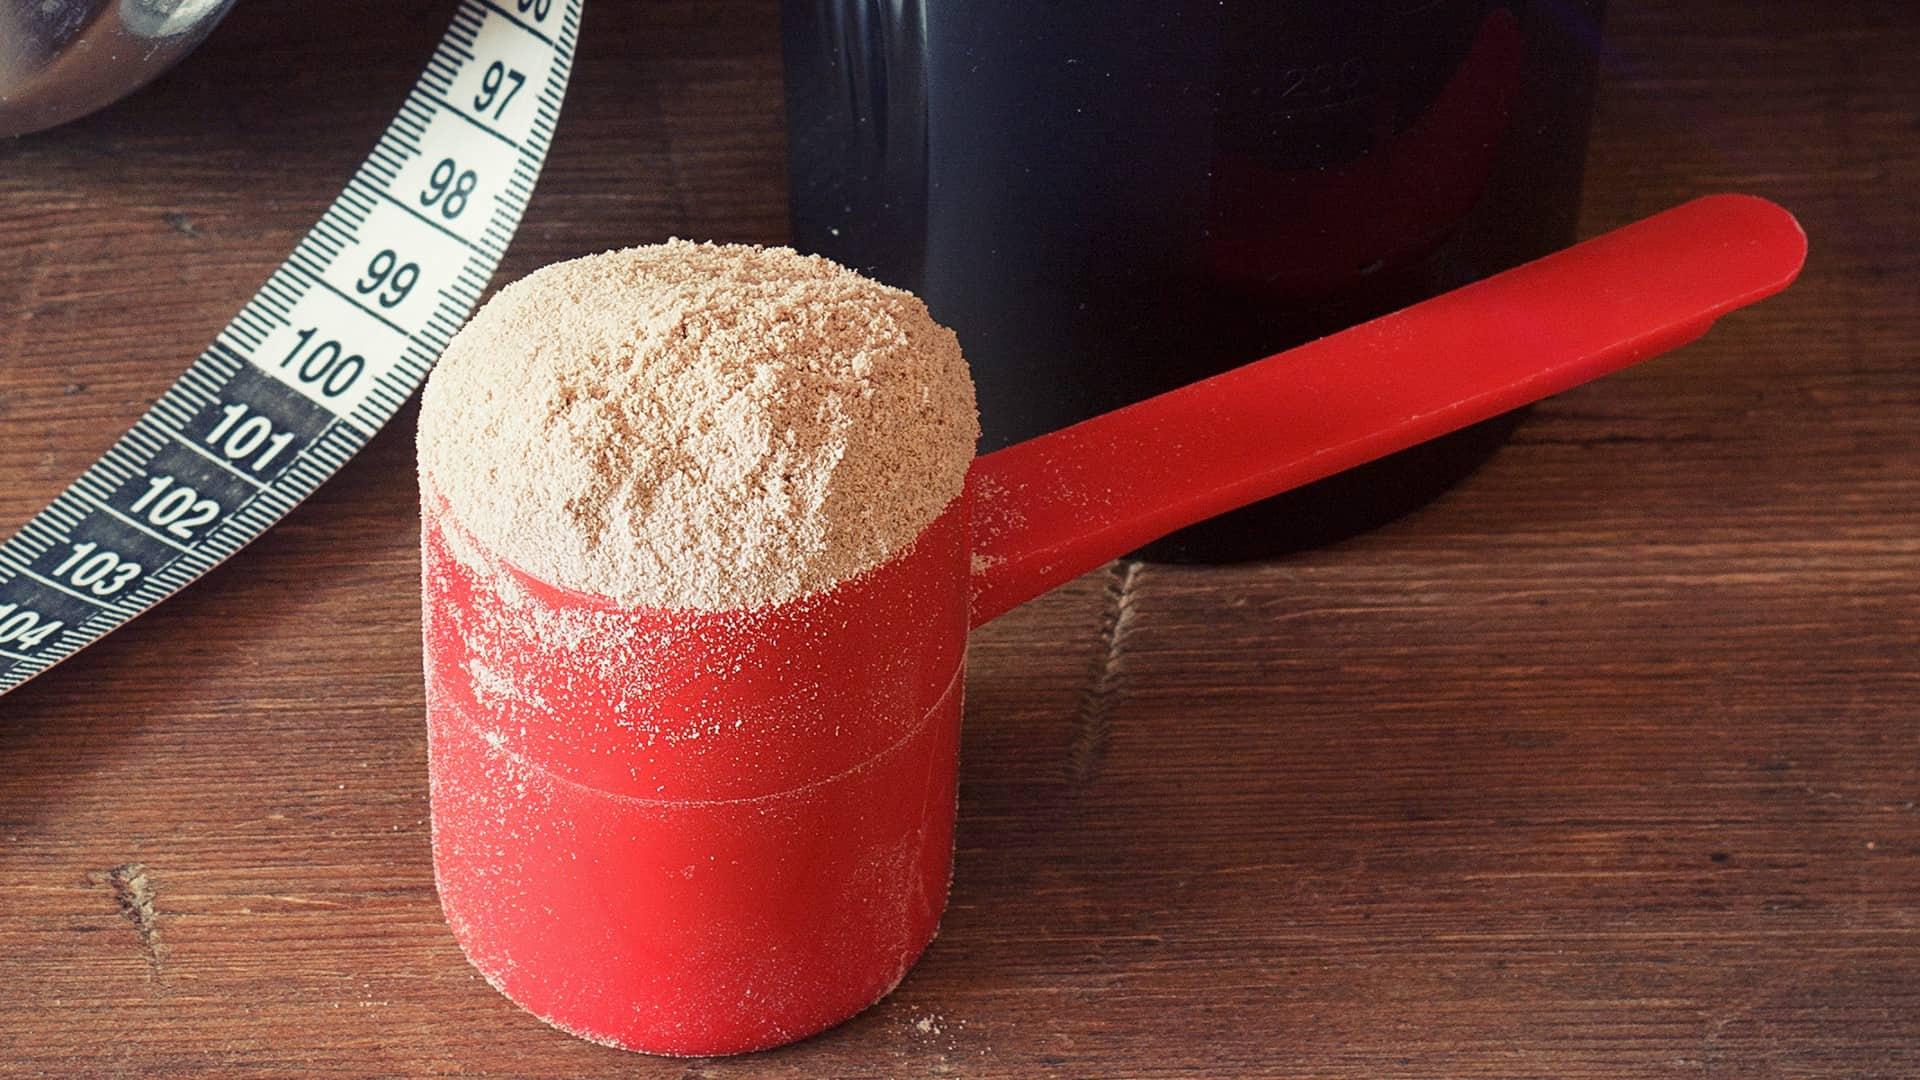 los 20 aminoacidos mas importantes de las protein as en polvo para bajar de peso